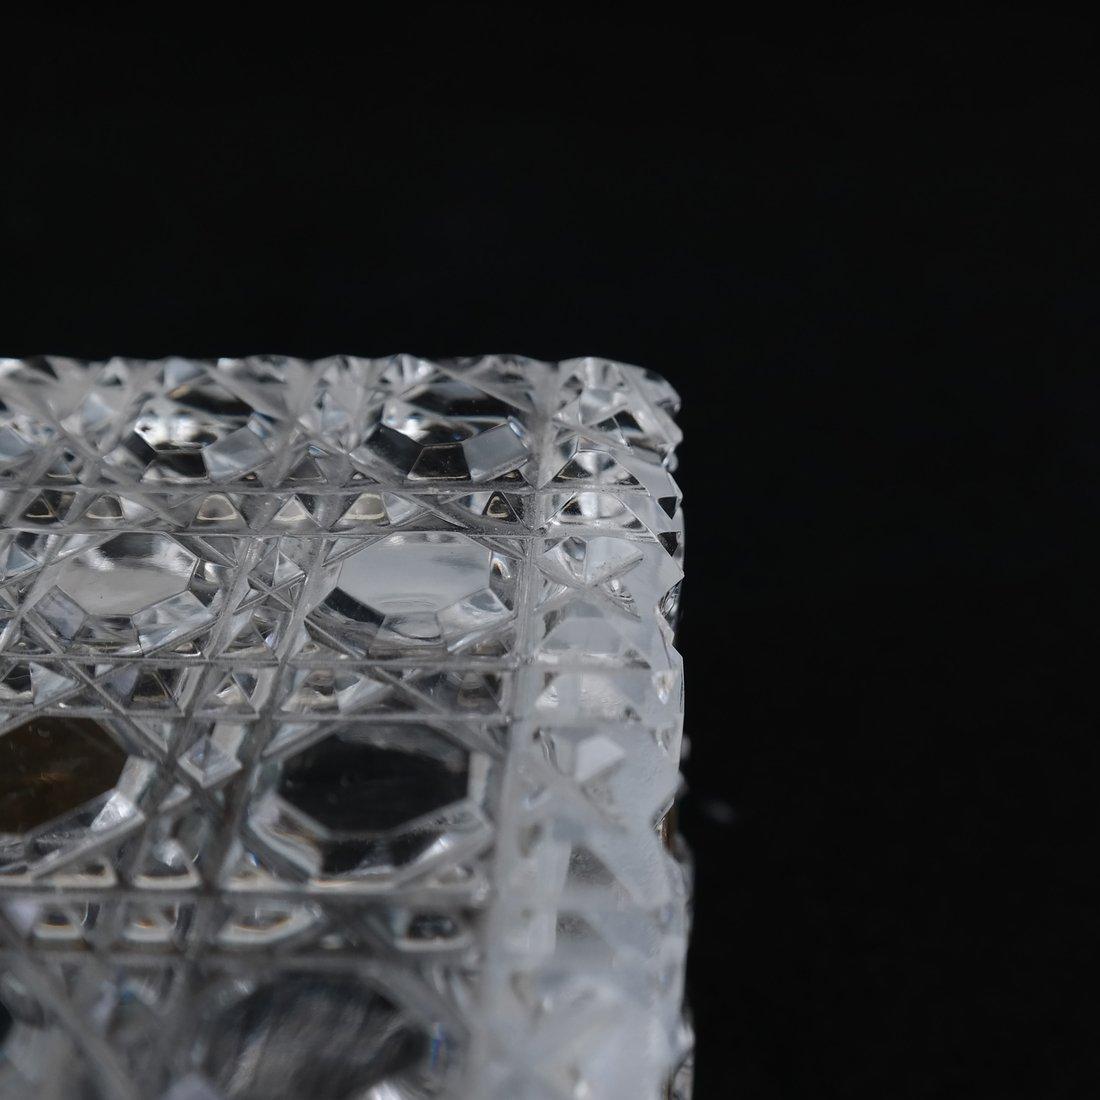 Fine Crystal Jewelry Box - 6